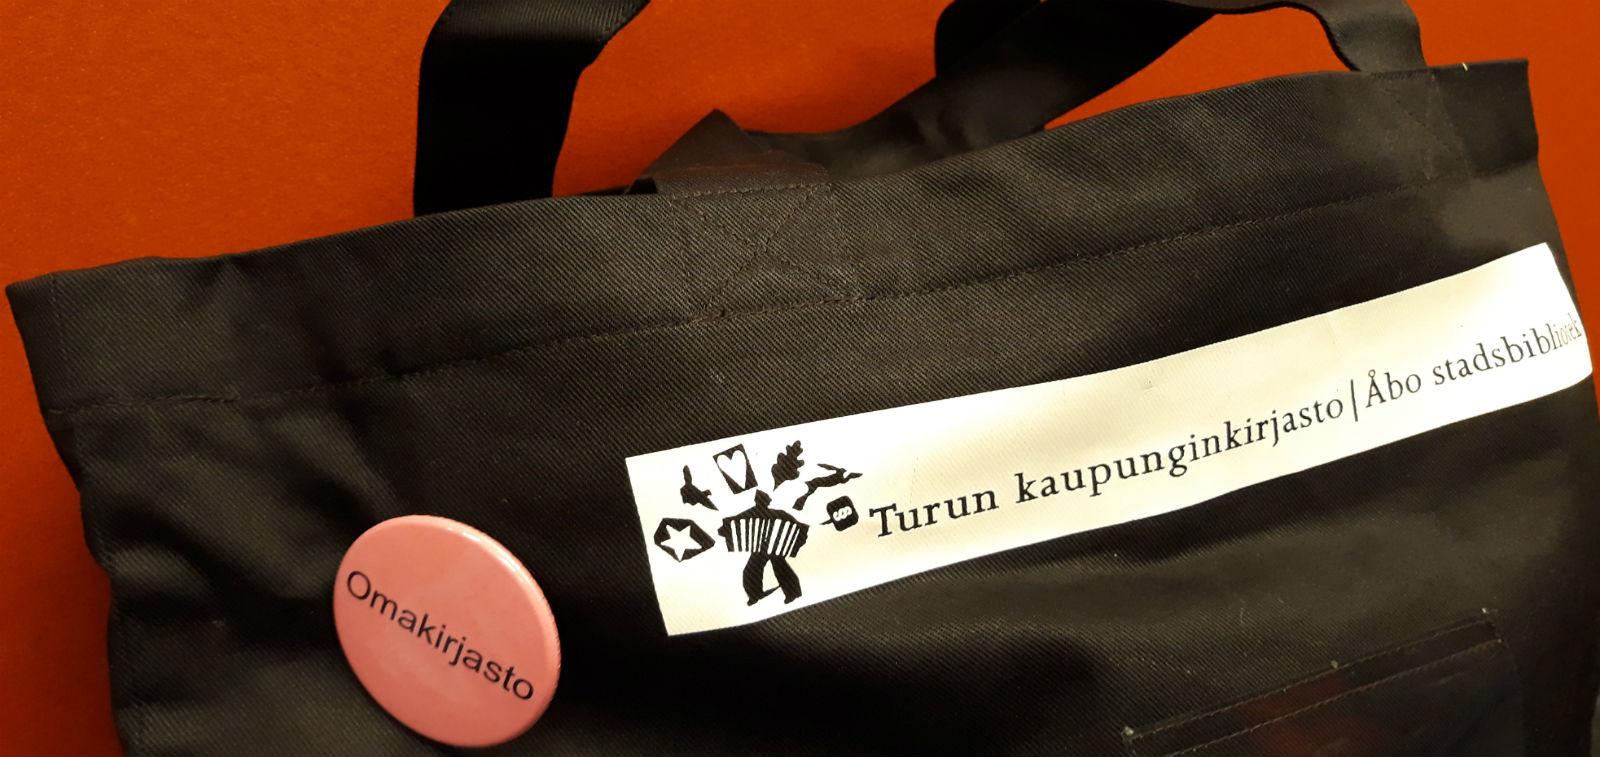 Turun kaupunginkirjaston kirjakassipalvelun kangaskassi